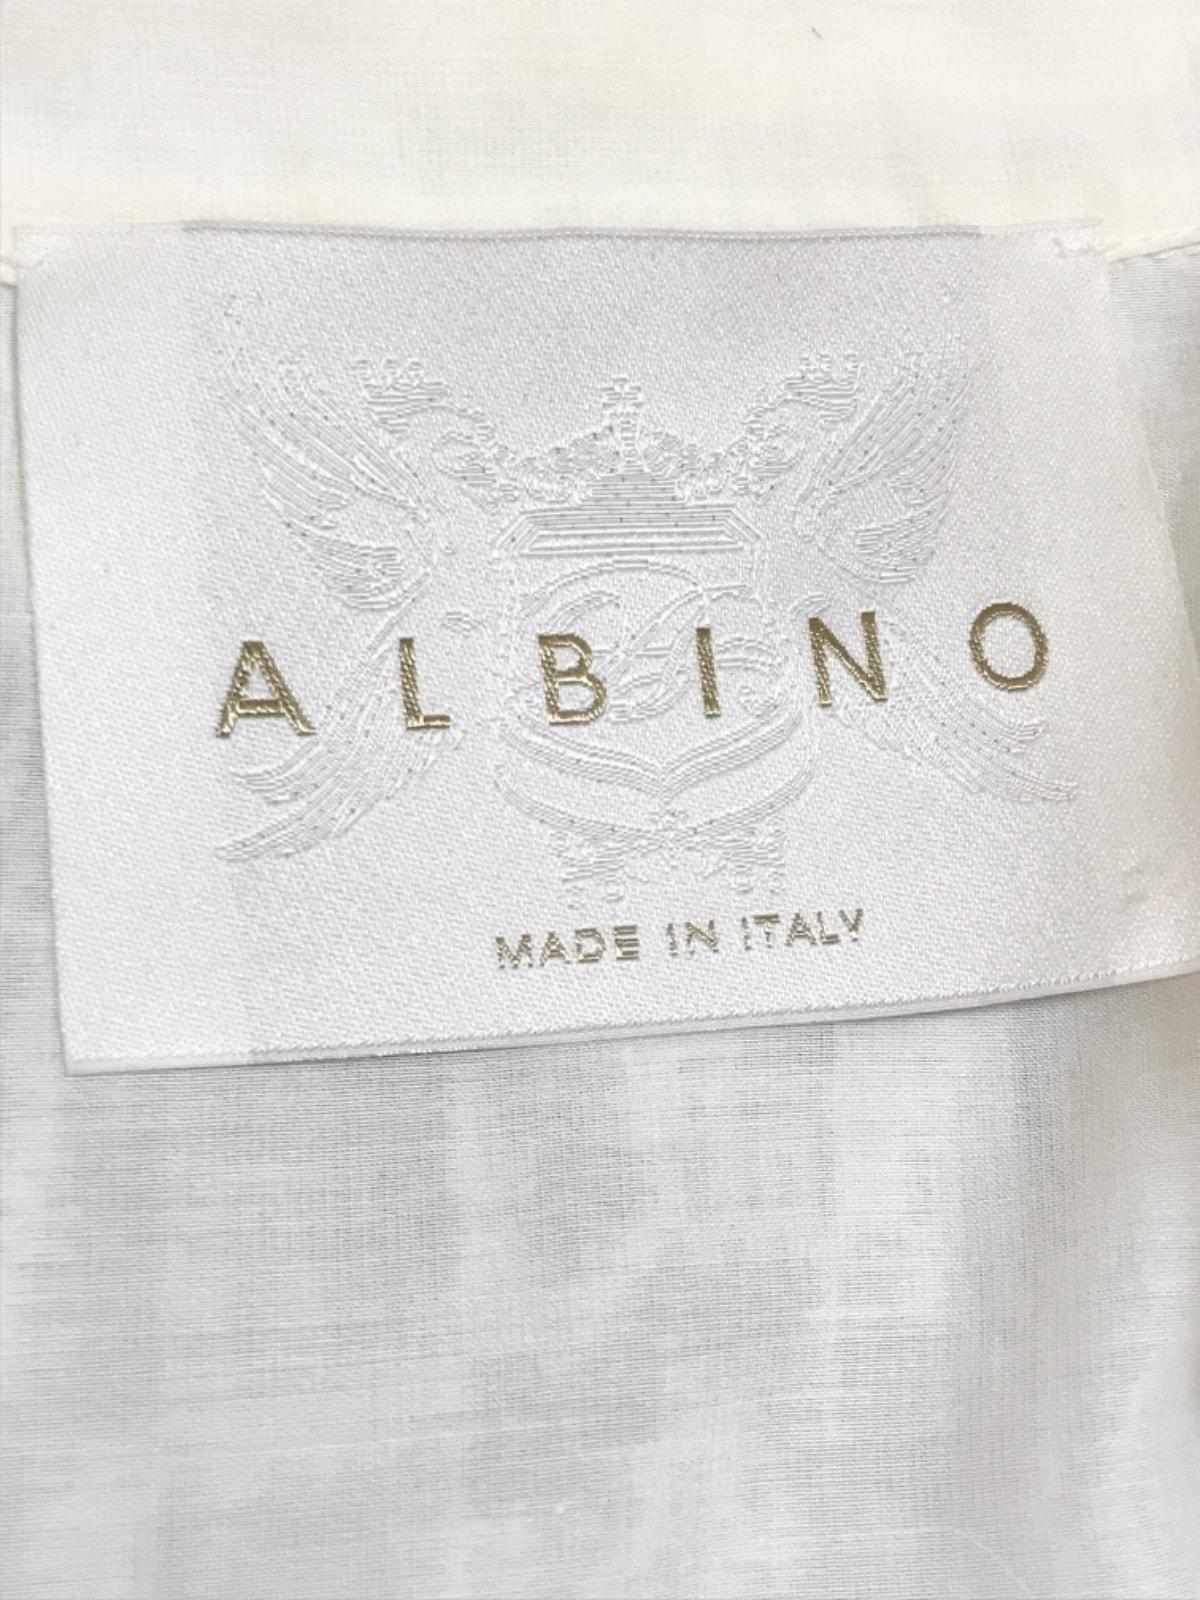 ALBINO(アルビーノ)のワンピース